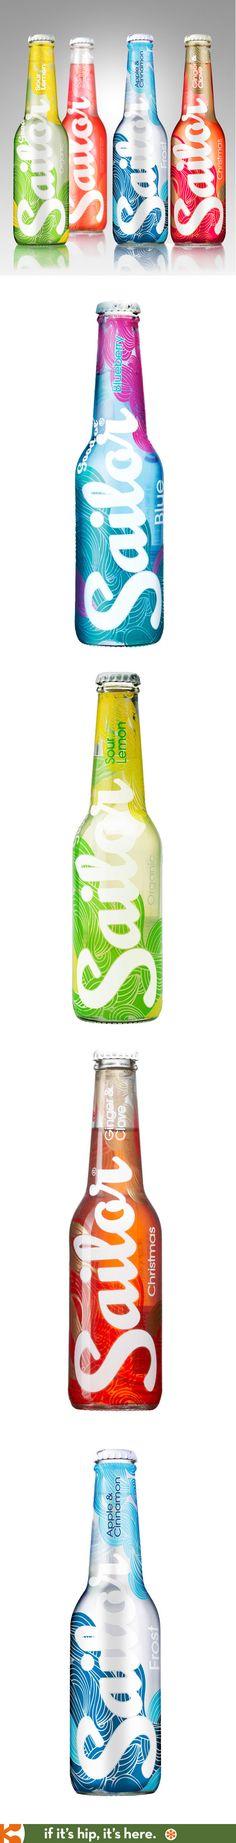 Sailor Ciders have great bottle designs.